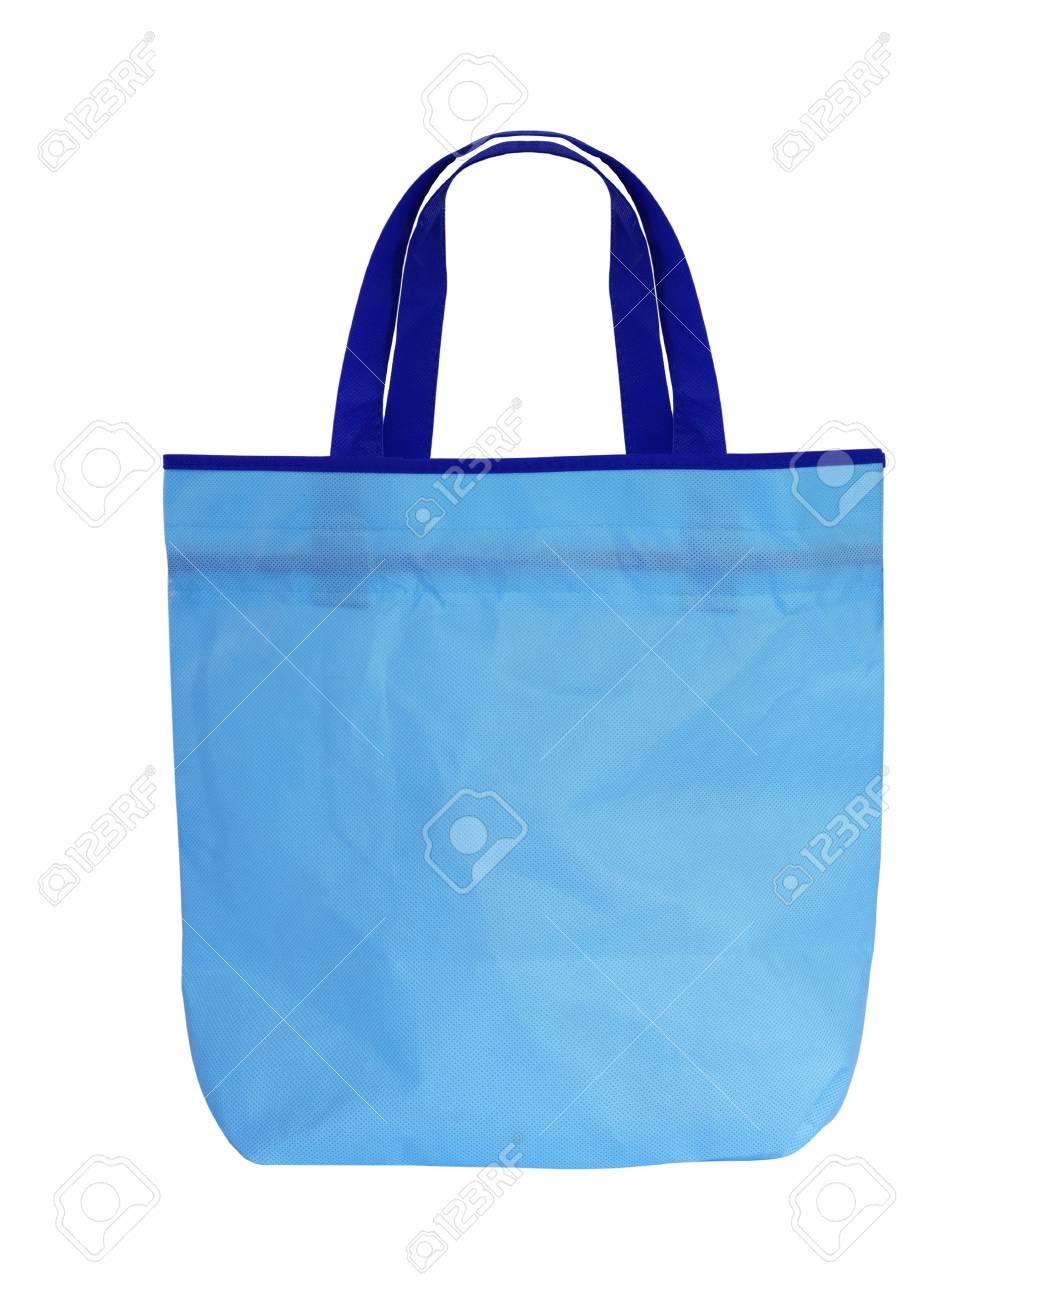 Blanco Compras Fondo Bolso Con Mango De Azul En El H29WDIE